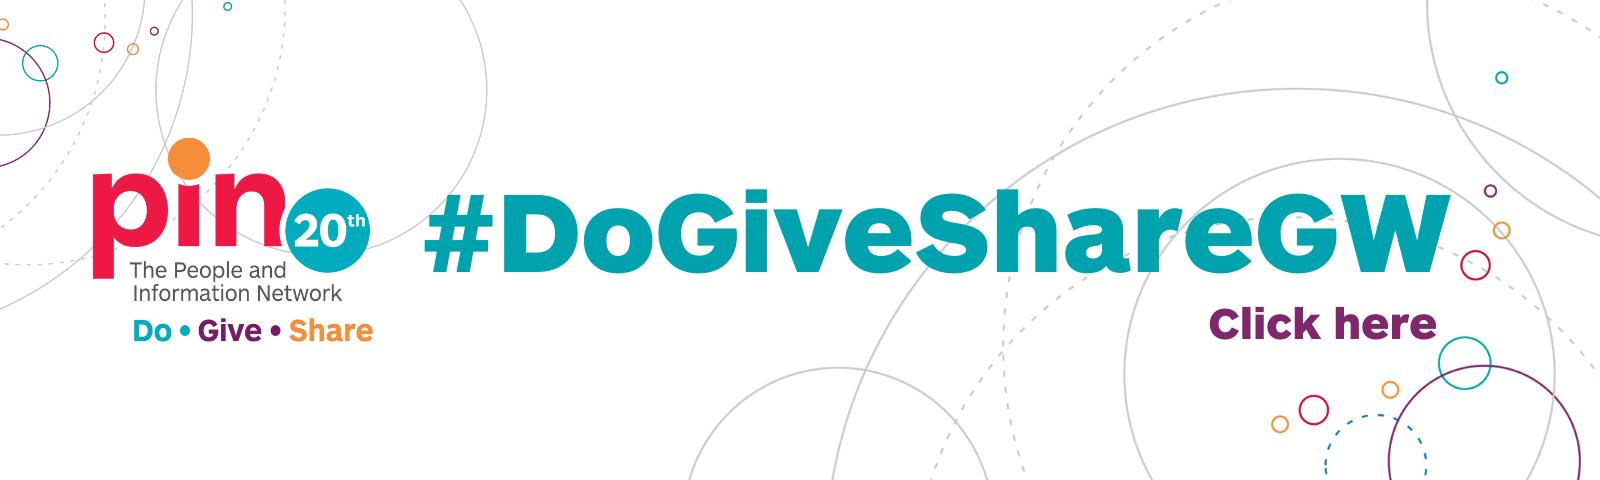 #DoGiveShareGW